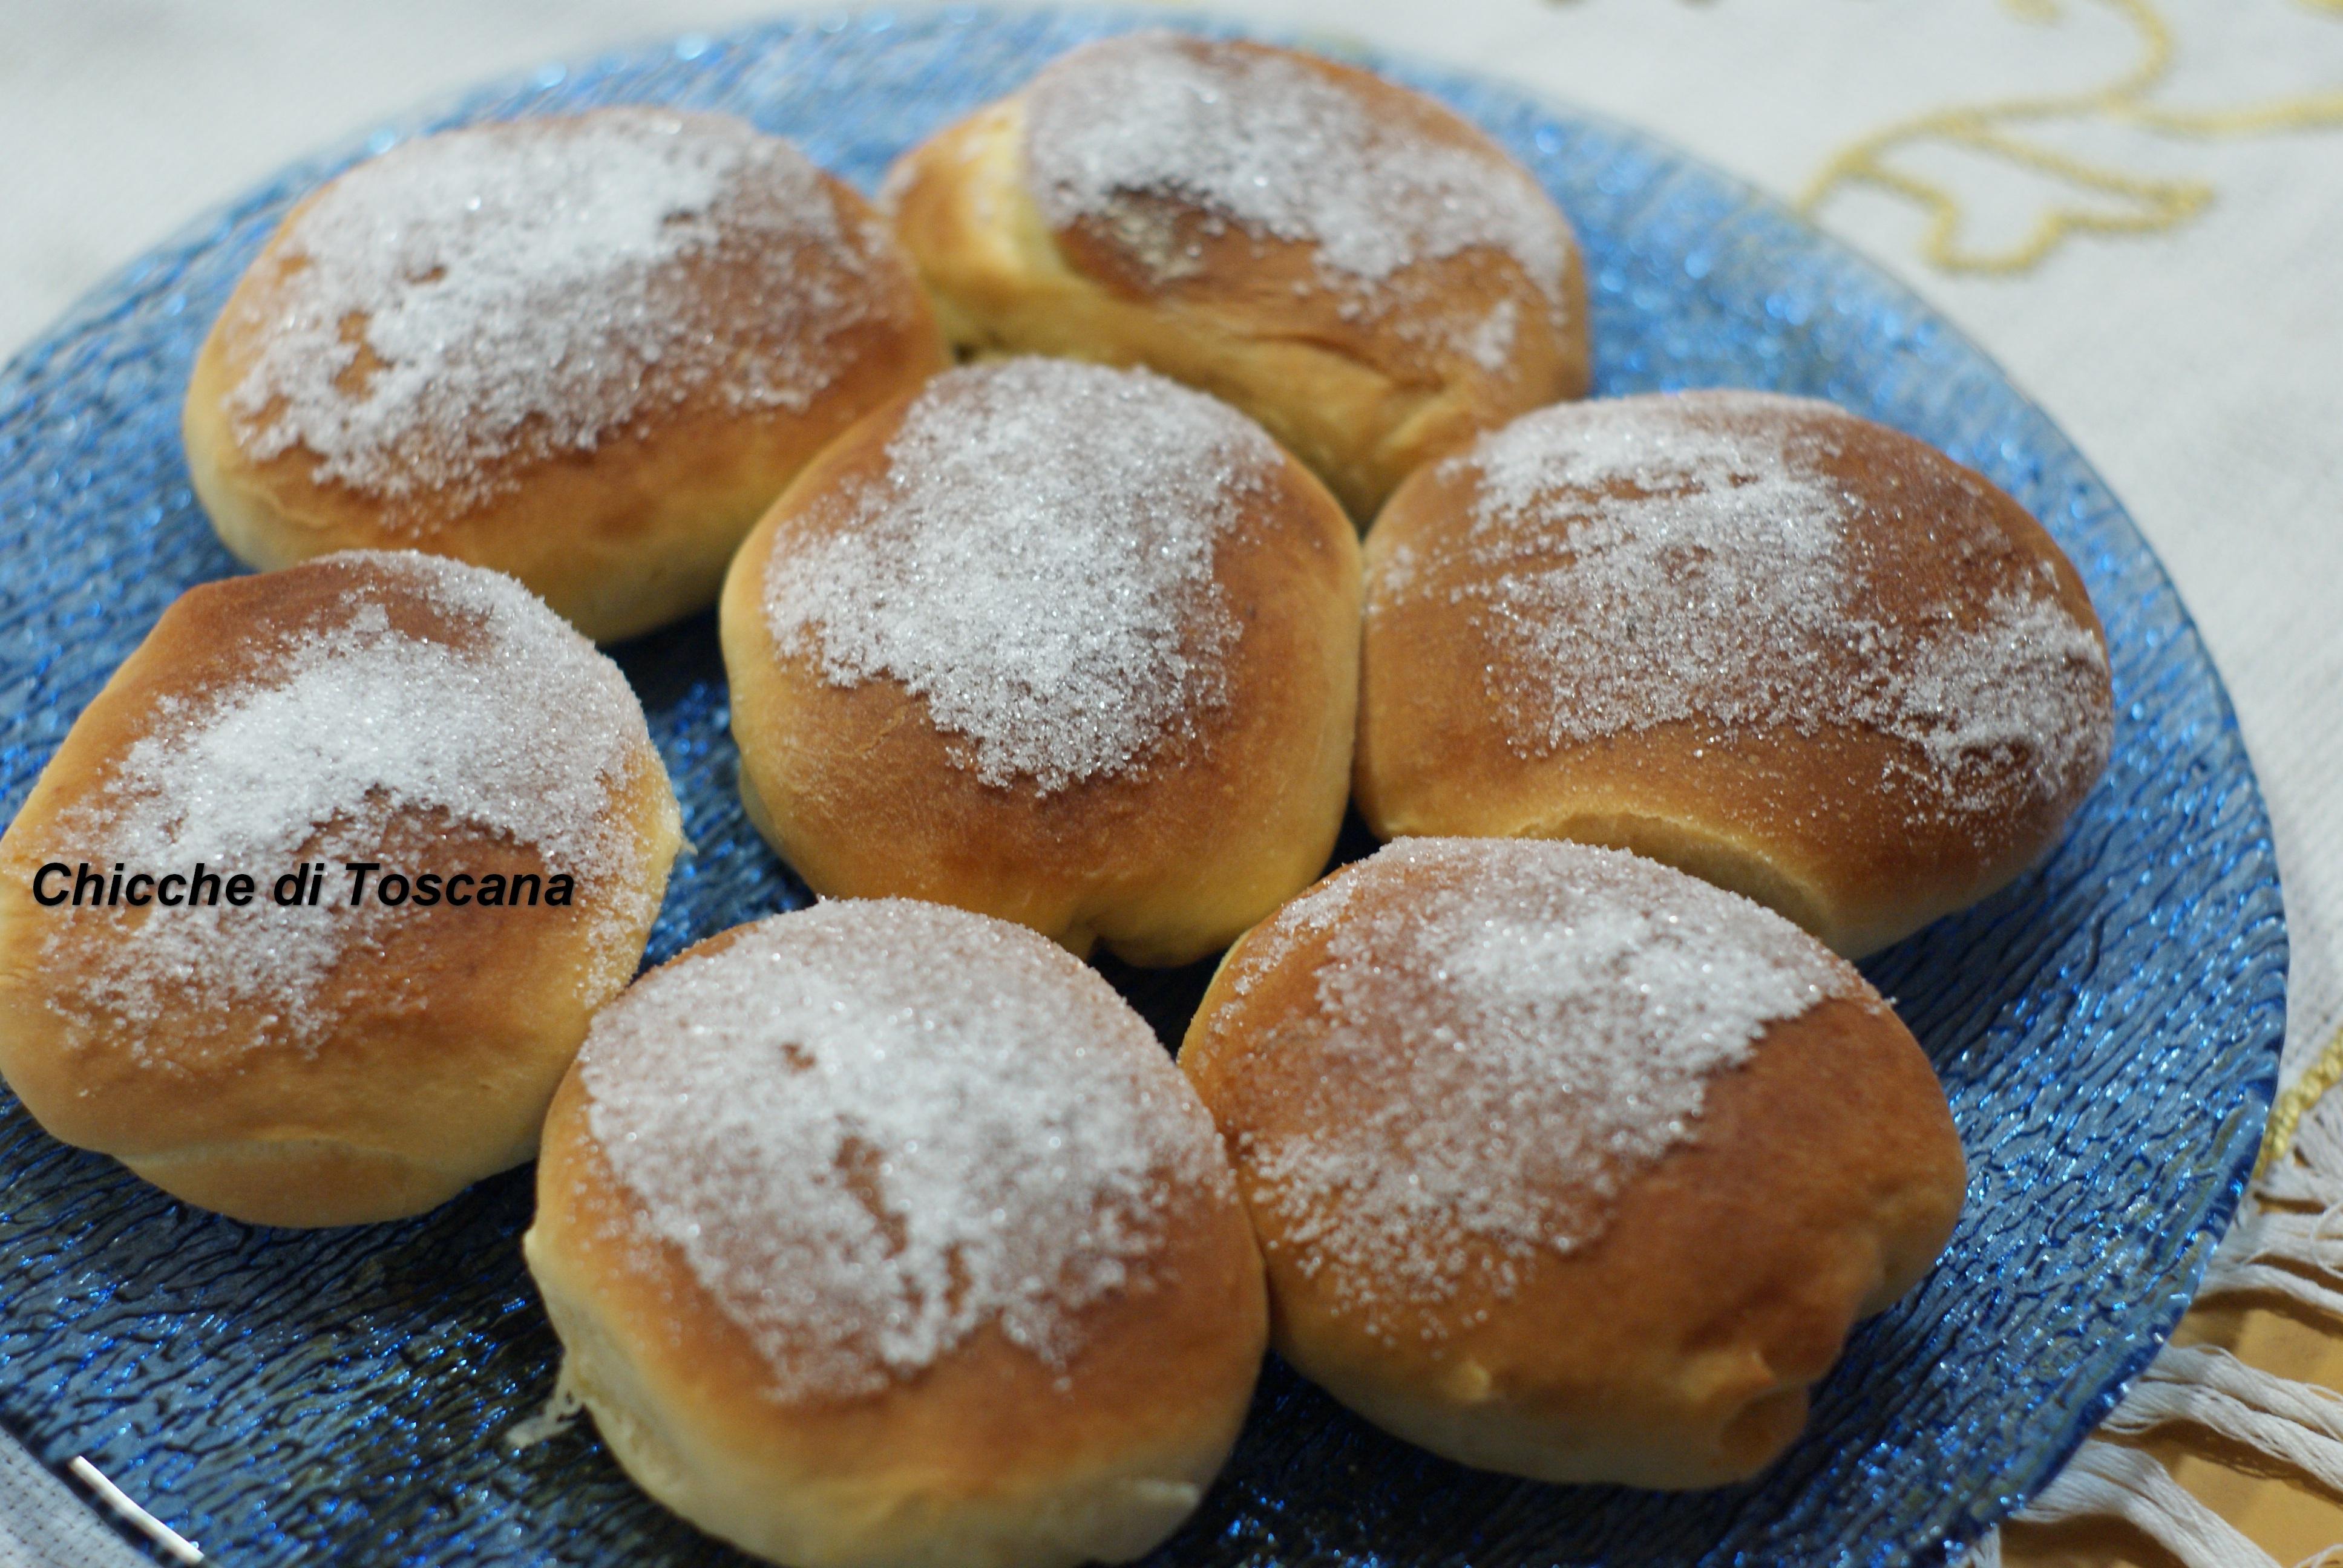 spesso Panini dolci per colazione e merenda | Chicche di Toscana KC22